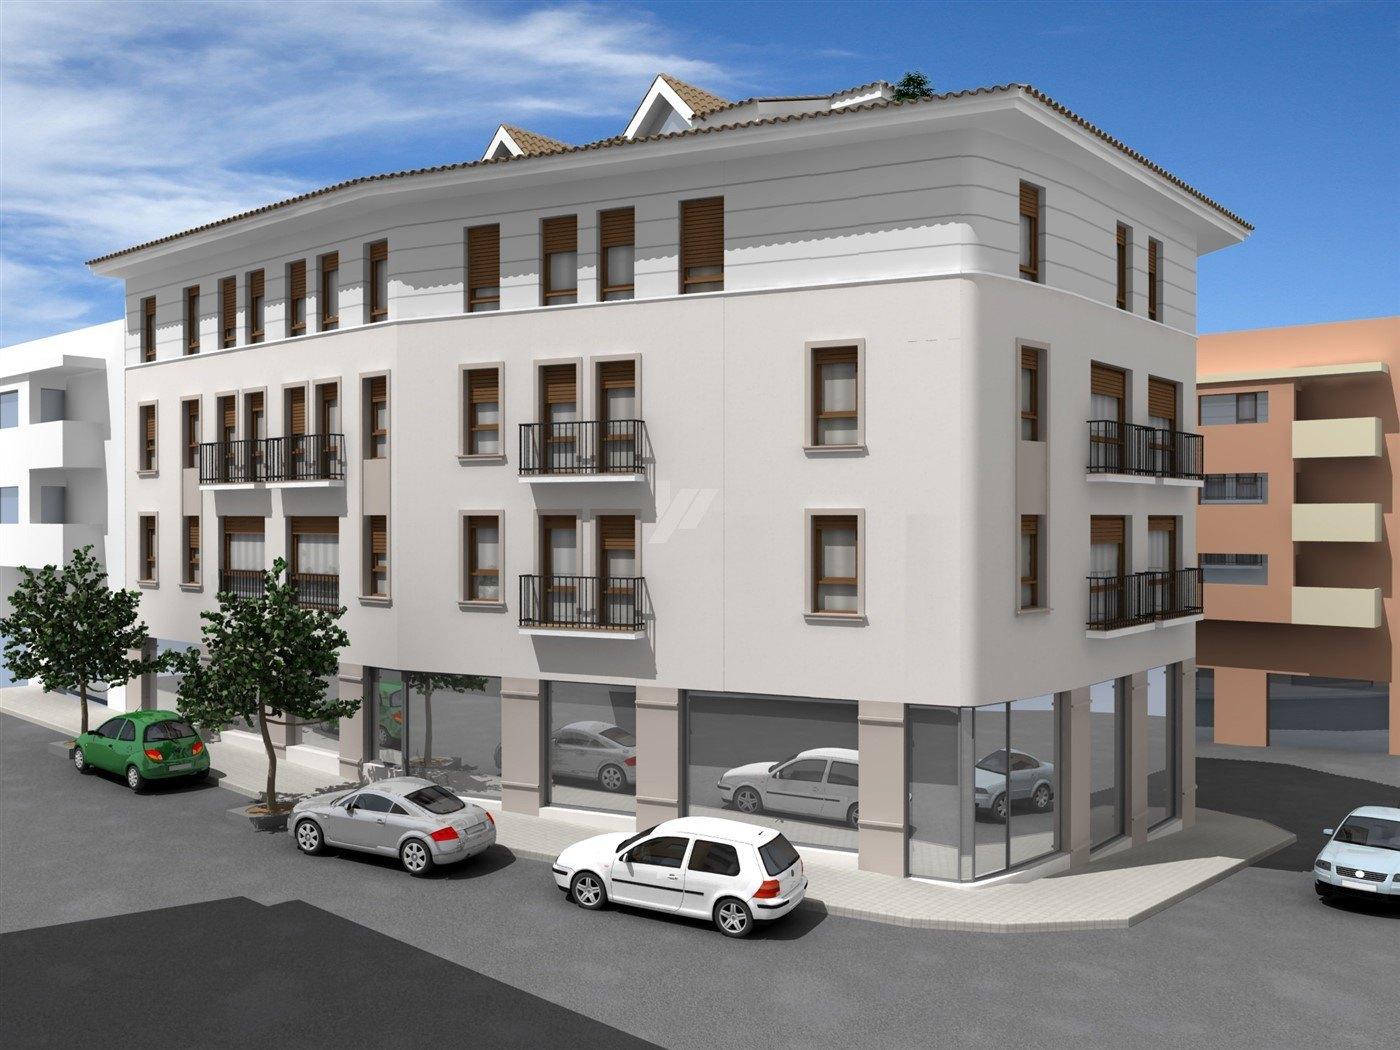 Piso de nueva construcción en venta en Moraira, Costa Blanca.